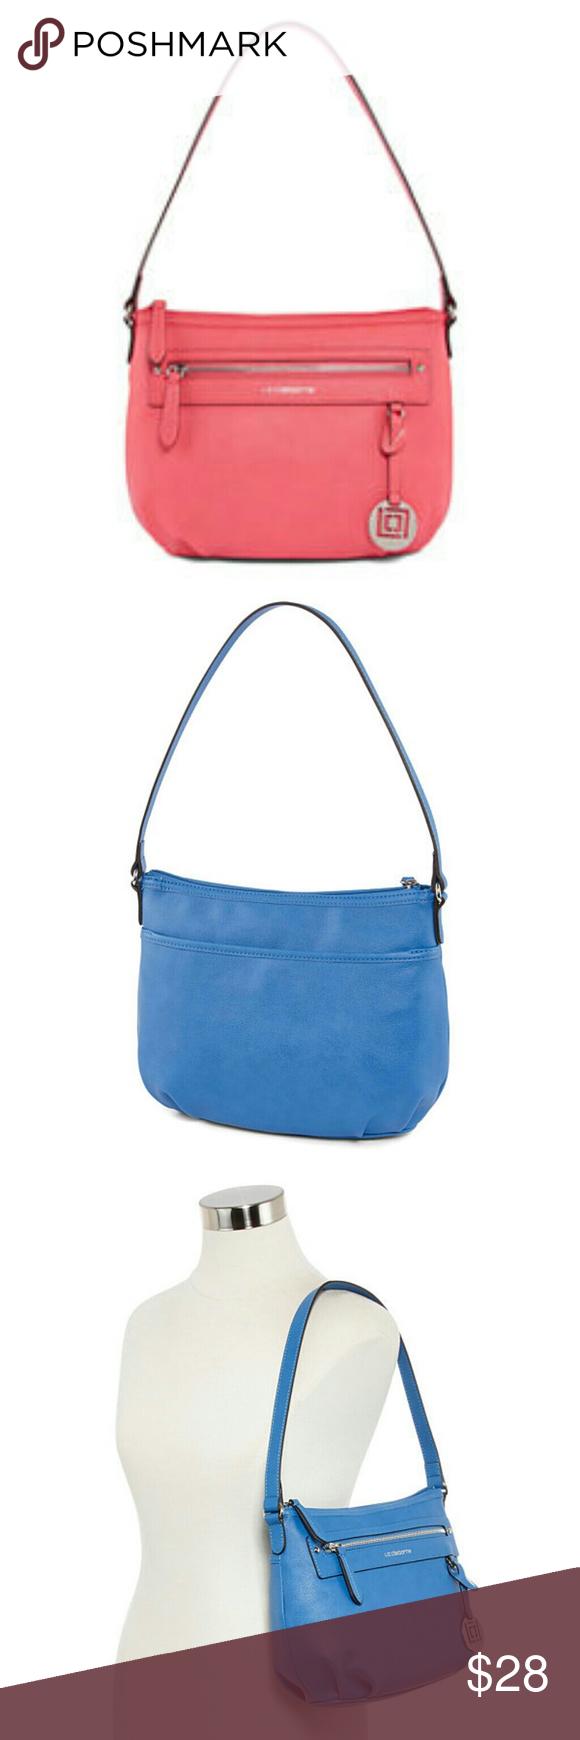 0ef284adb36 Liz Claiborne Jess Top Zip Shoulder Bag Our Jess bag by Liz Claiborne  features multiple pockets